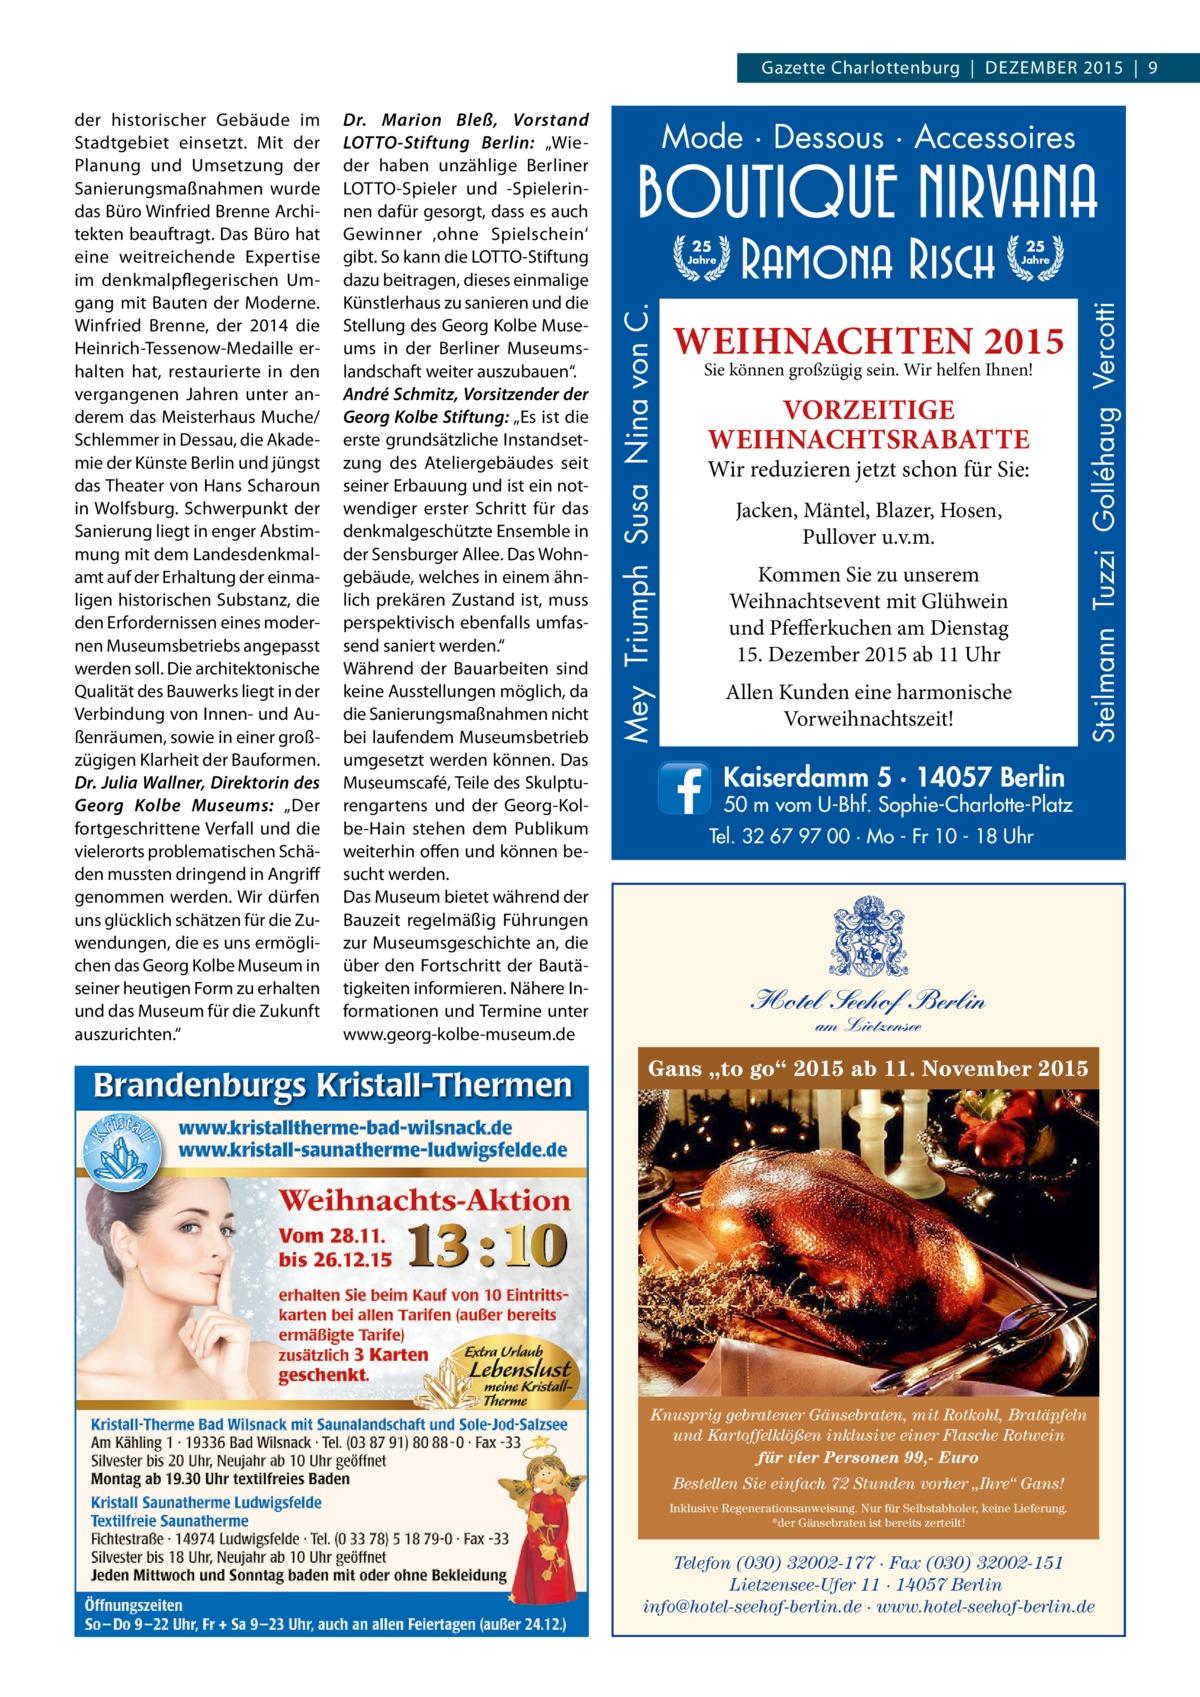 """Gazette Charlottenburg DEZEMBER 2015 9  Mode · Dessous · Accessoires 25  25  Jahre  Jahre  WEIHNACHTEN 2015 Sie können großzügig sein. Wir helfen Ihnen!  VORZEITIGE WEIHNACHTSRABATTE  Wir reduzieren jetzt schon für Sie: Jacken, Mäntel, Blazer, Hosen, Pullover u.v.m. Kommen Sie zu unserem Weihnachtsevent mit Glühwein und Pfefferkuchen am Dienstag 15.Dezember 2015 ab 11 Uhr Allen Kunden eine harmonische Vorweihnachtszeit!  Steilmann Tuzzi Golléhaug Vercotti  Dr. Marion Bleß, Vorstand LOTTO-Stiftung Berlin: """"Wieder haben unzählige Berliner LOTTO-Spieler und -Spielerinnen dafür gesorgt, dass es auch Gewinner 'ohne Spielschein' gibt. So kann die LOTTO-Stiftung dazu beitragen, dieses einmalige Künstlerhaus zu sanieren und die Stellung des Georg Kolbe Museums in der Berliner Museumslandschaft weiter auszubauen"""". André Schmitz, Vorsitzender der Georg Kolbe Stiftung: """"Es ist die erste grundsätzliche Instandsetzung des Ateliergebäudes seit seiner Erbauung und ist ein notwendiger erster Schritt für das denkmalgeschützte Ensemble in der Sensburger Allee. Das Wohngebäude, welches in einem ähnlich prekären Zustand ist, muss perspektivisch ebenfalls umfassend saniert werden."""" Während der Bauarbeiten sind keine Ausstellungen möglich, da die Sanierungsmaßnahmen nicht bei laufendem Museumsbetrieb umgesetzt werden können. Das Museumscafé, Teile des Skulpturengartens und der Georg-Kolbe-Hain stehen dem Publikum weiterhin offen und können besucht werden. Das Museum bietet während der Bauzeit regelmäßig Führungen zur Museumsgeschichte an, die über den Fortschritt der Bautätigkeiten informieren. Nähere Informationen und Termine unter www.georg-kolbe-museum.de  Mey Triumph Susa Nina von C.  der historischer Gebäude im Stadtgebiet einsetzt. Mit der Planung und Umsetzung der Sanierungsmaßnahmen wurde das Büro Winfried Brenne Architekten beauftragt. Das Büro hat eine weitreichende Expertise im denkmalpflegerischen Umgang mit Bauten der Moderne. Winfried Brenne, der 2014 die Heinrich-Tessenow-"""